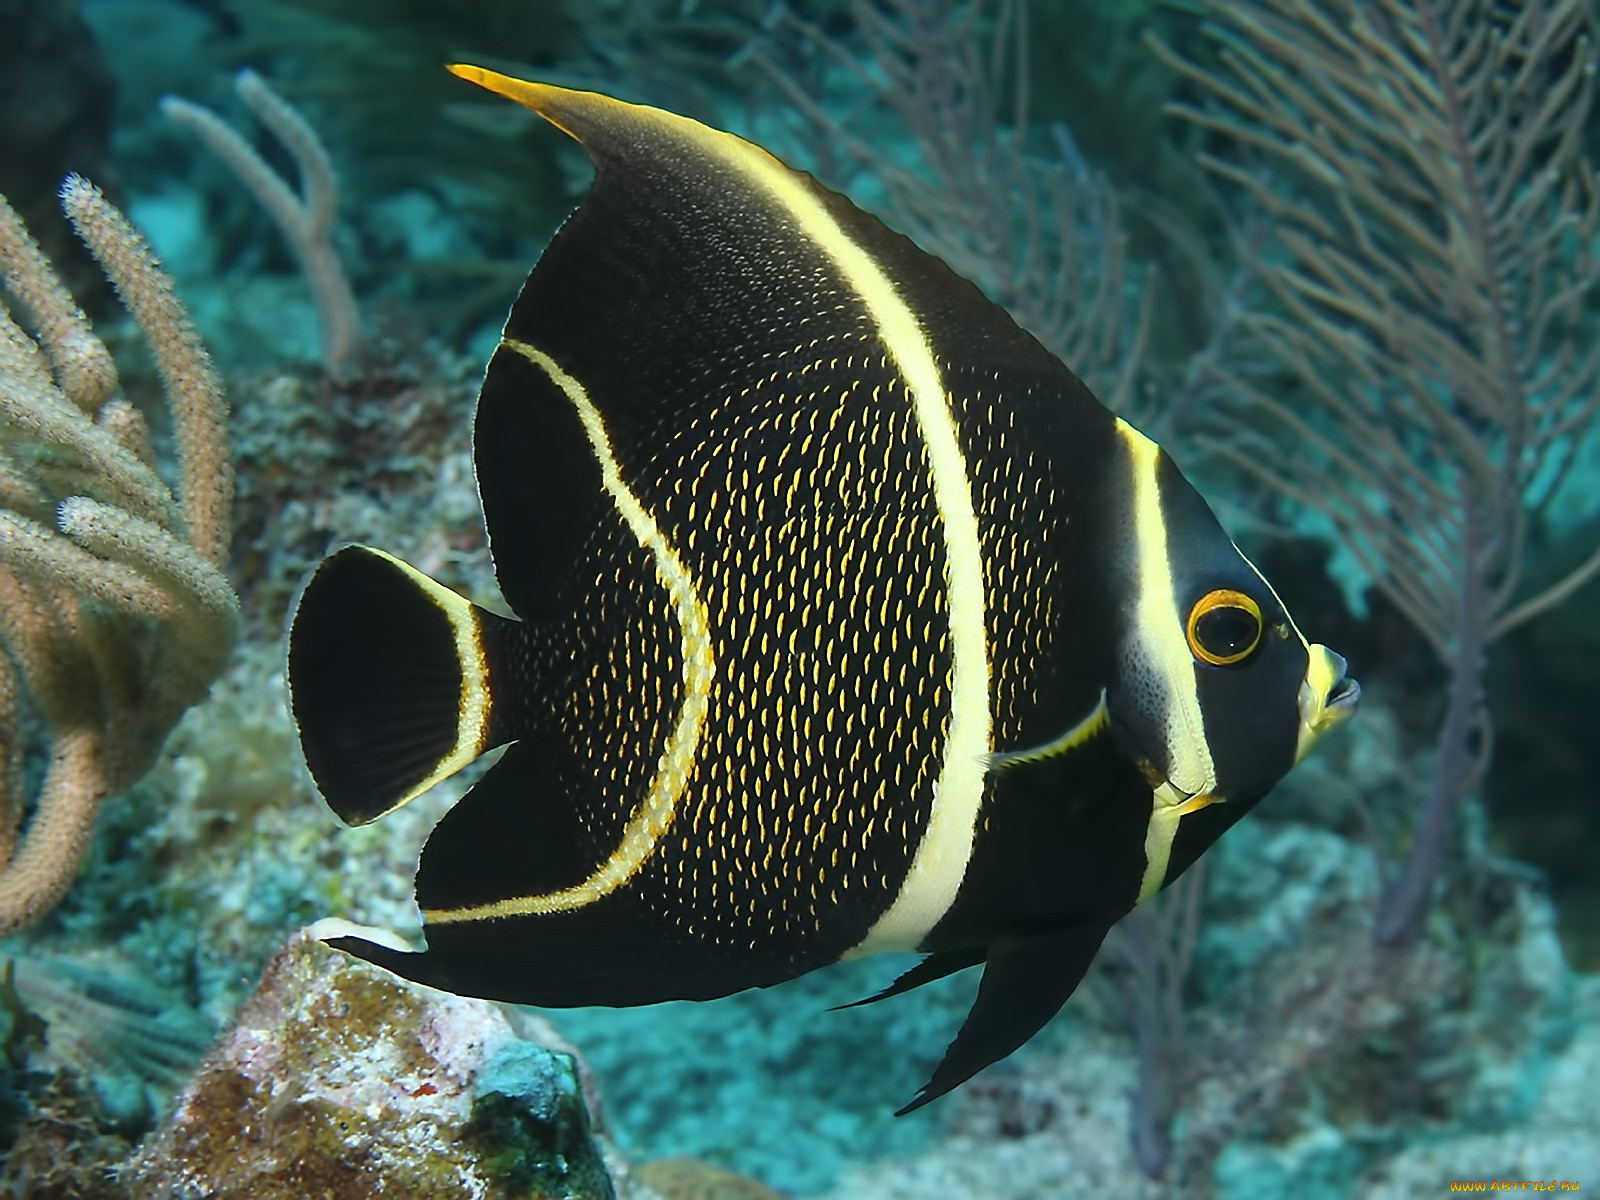 картинки экзотических рыб с названиями центр офтальмологии